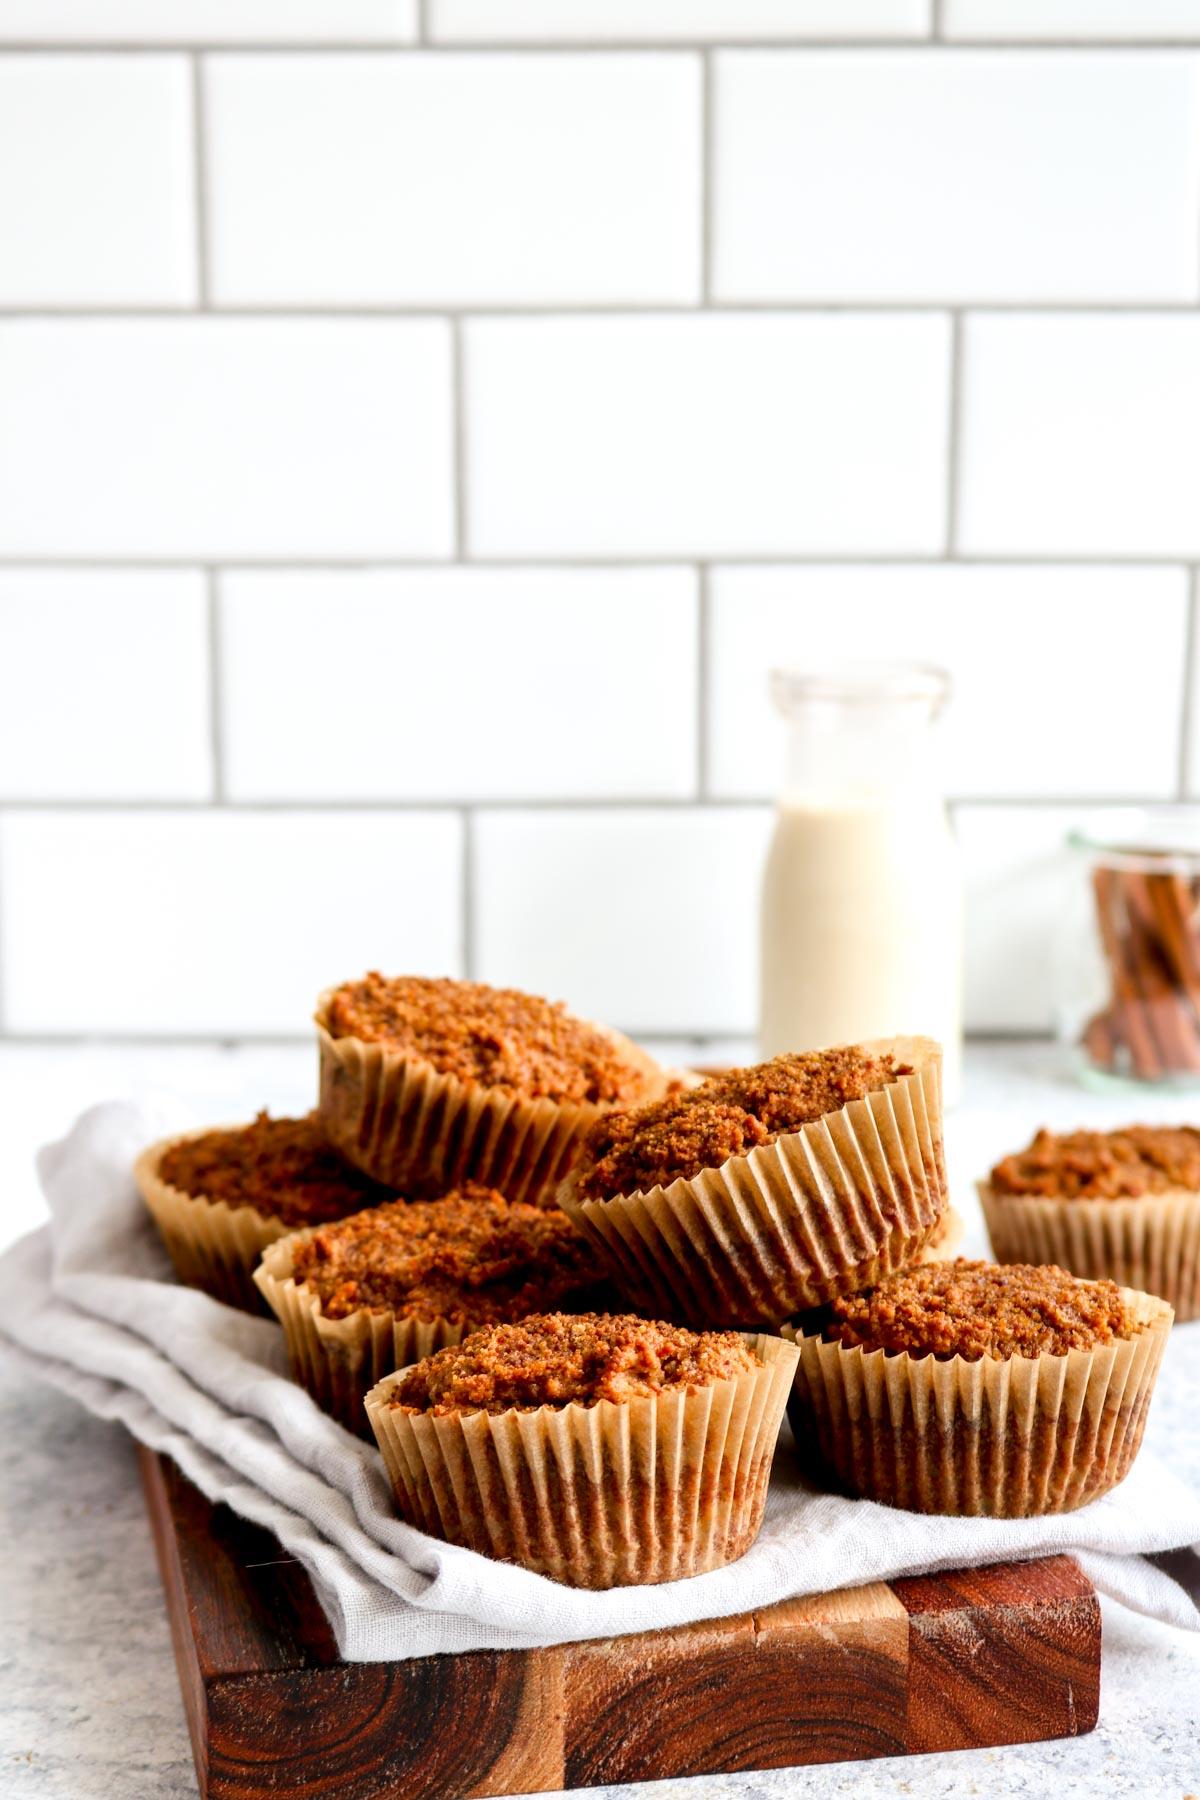 Simple paleo pumpkin muffins on a cutting board.